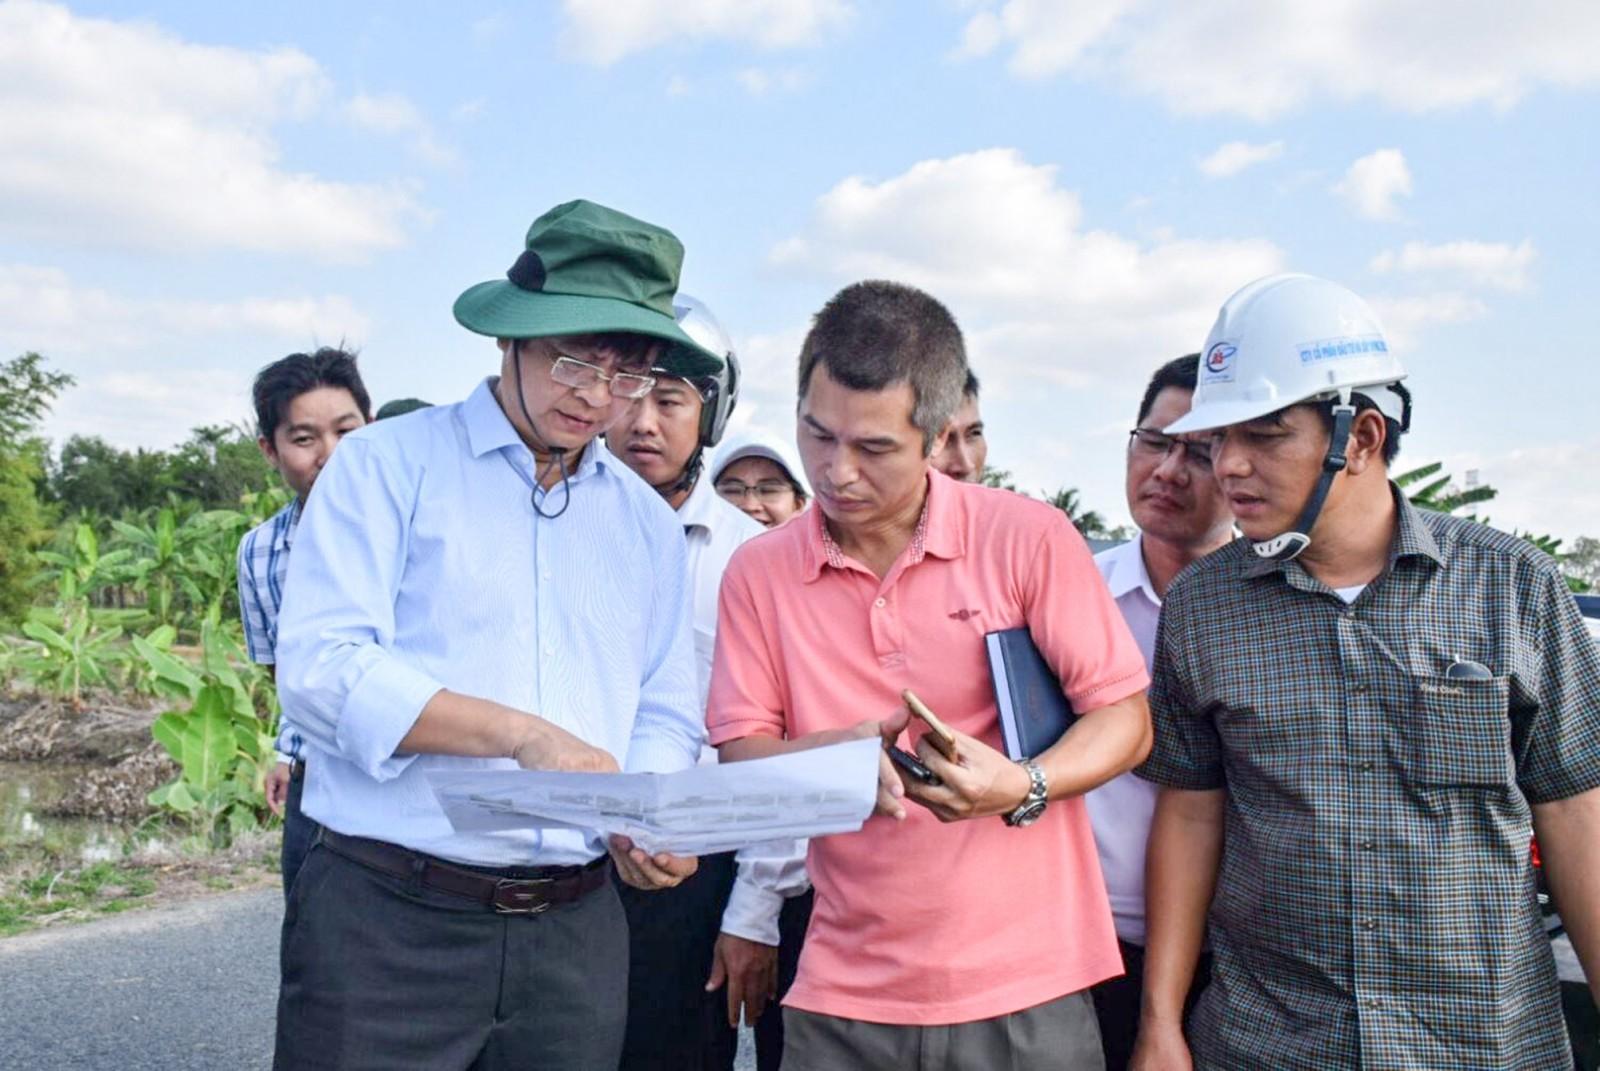 Lãnh đạo thành phố kiểm tra tình hình triển khai thực hiện công trình đường tỉnh 922. Ảnh: T. TRINH